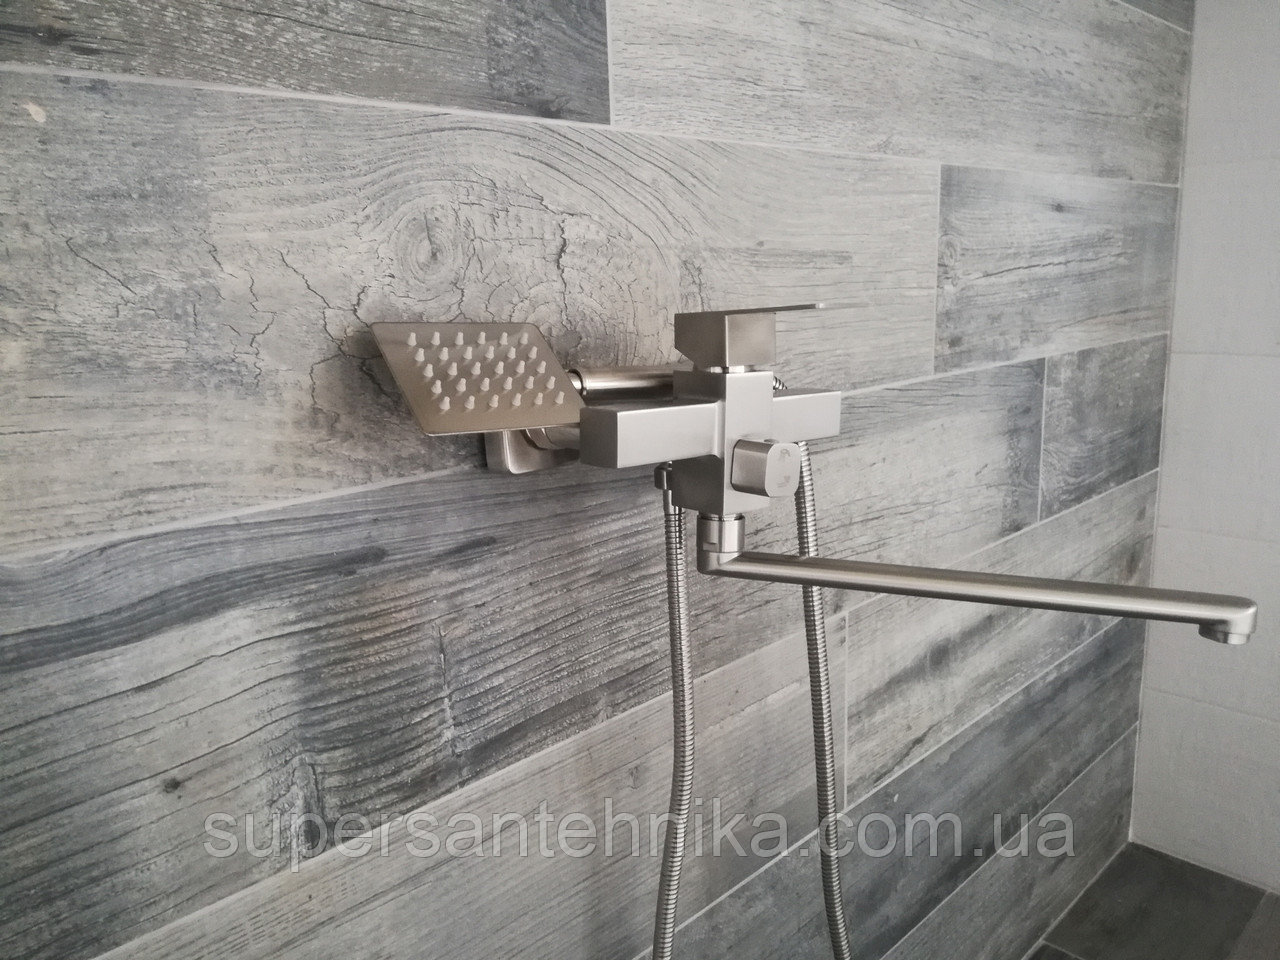 Смеситель для ванной из нержавейки квадрат Mixxus Kub 006 euro